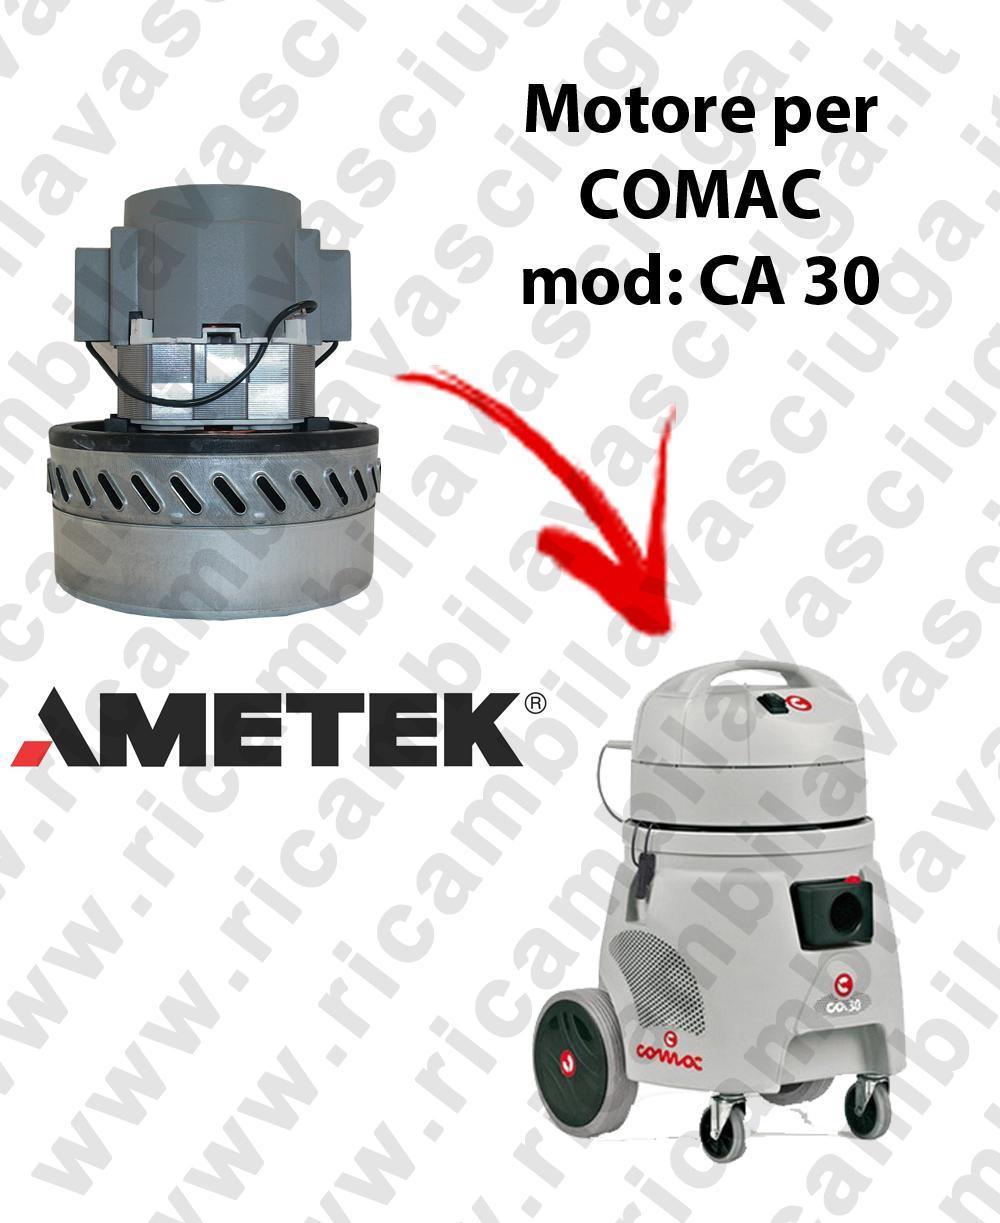 CA 30 AMETEK vacuum motor for wet and dry vacuum cleaner COMAC